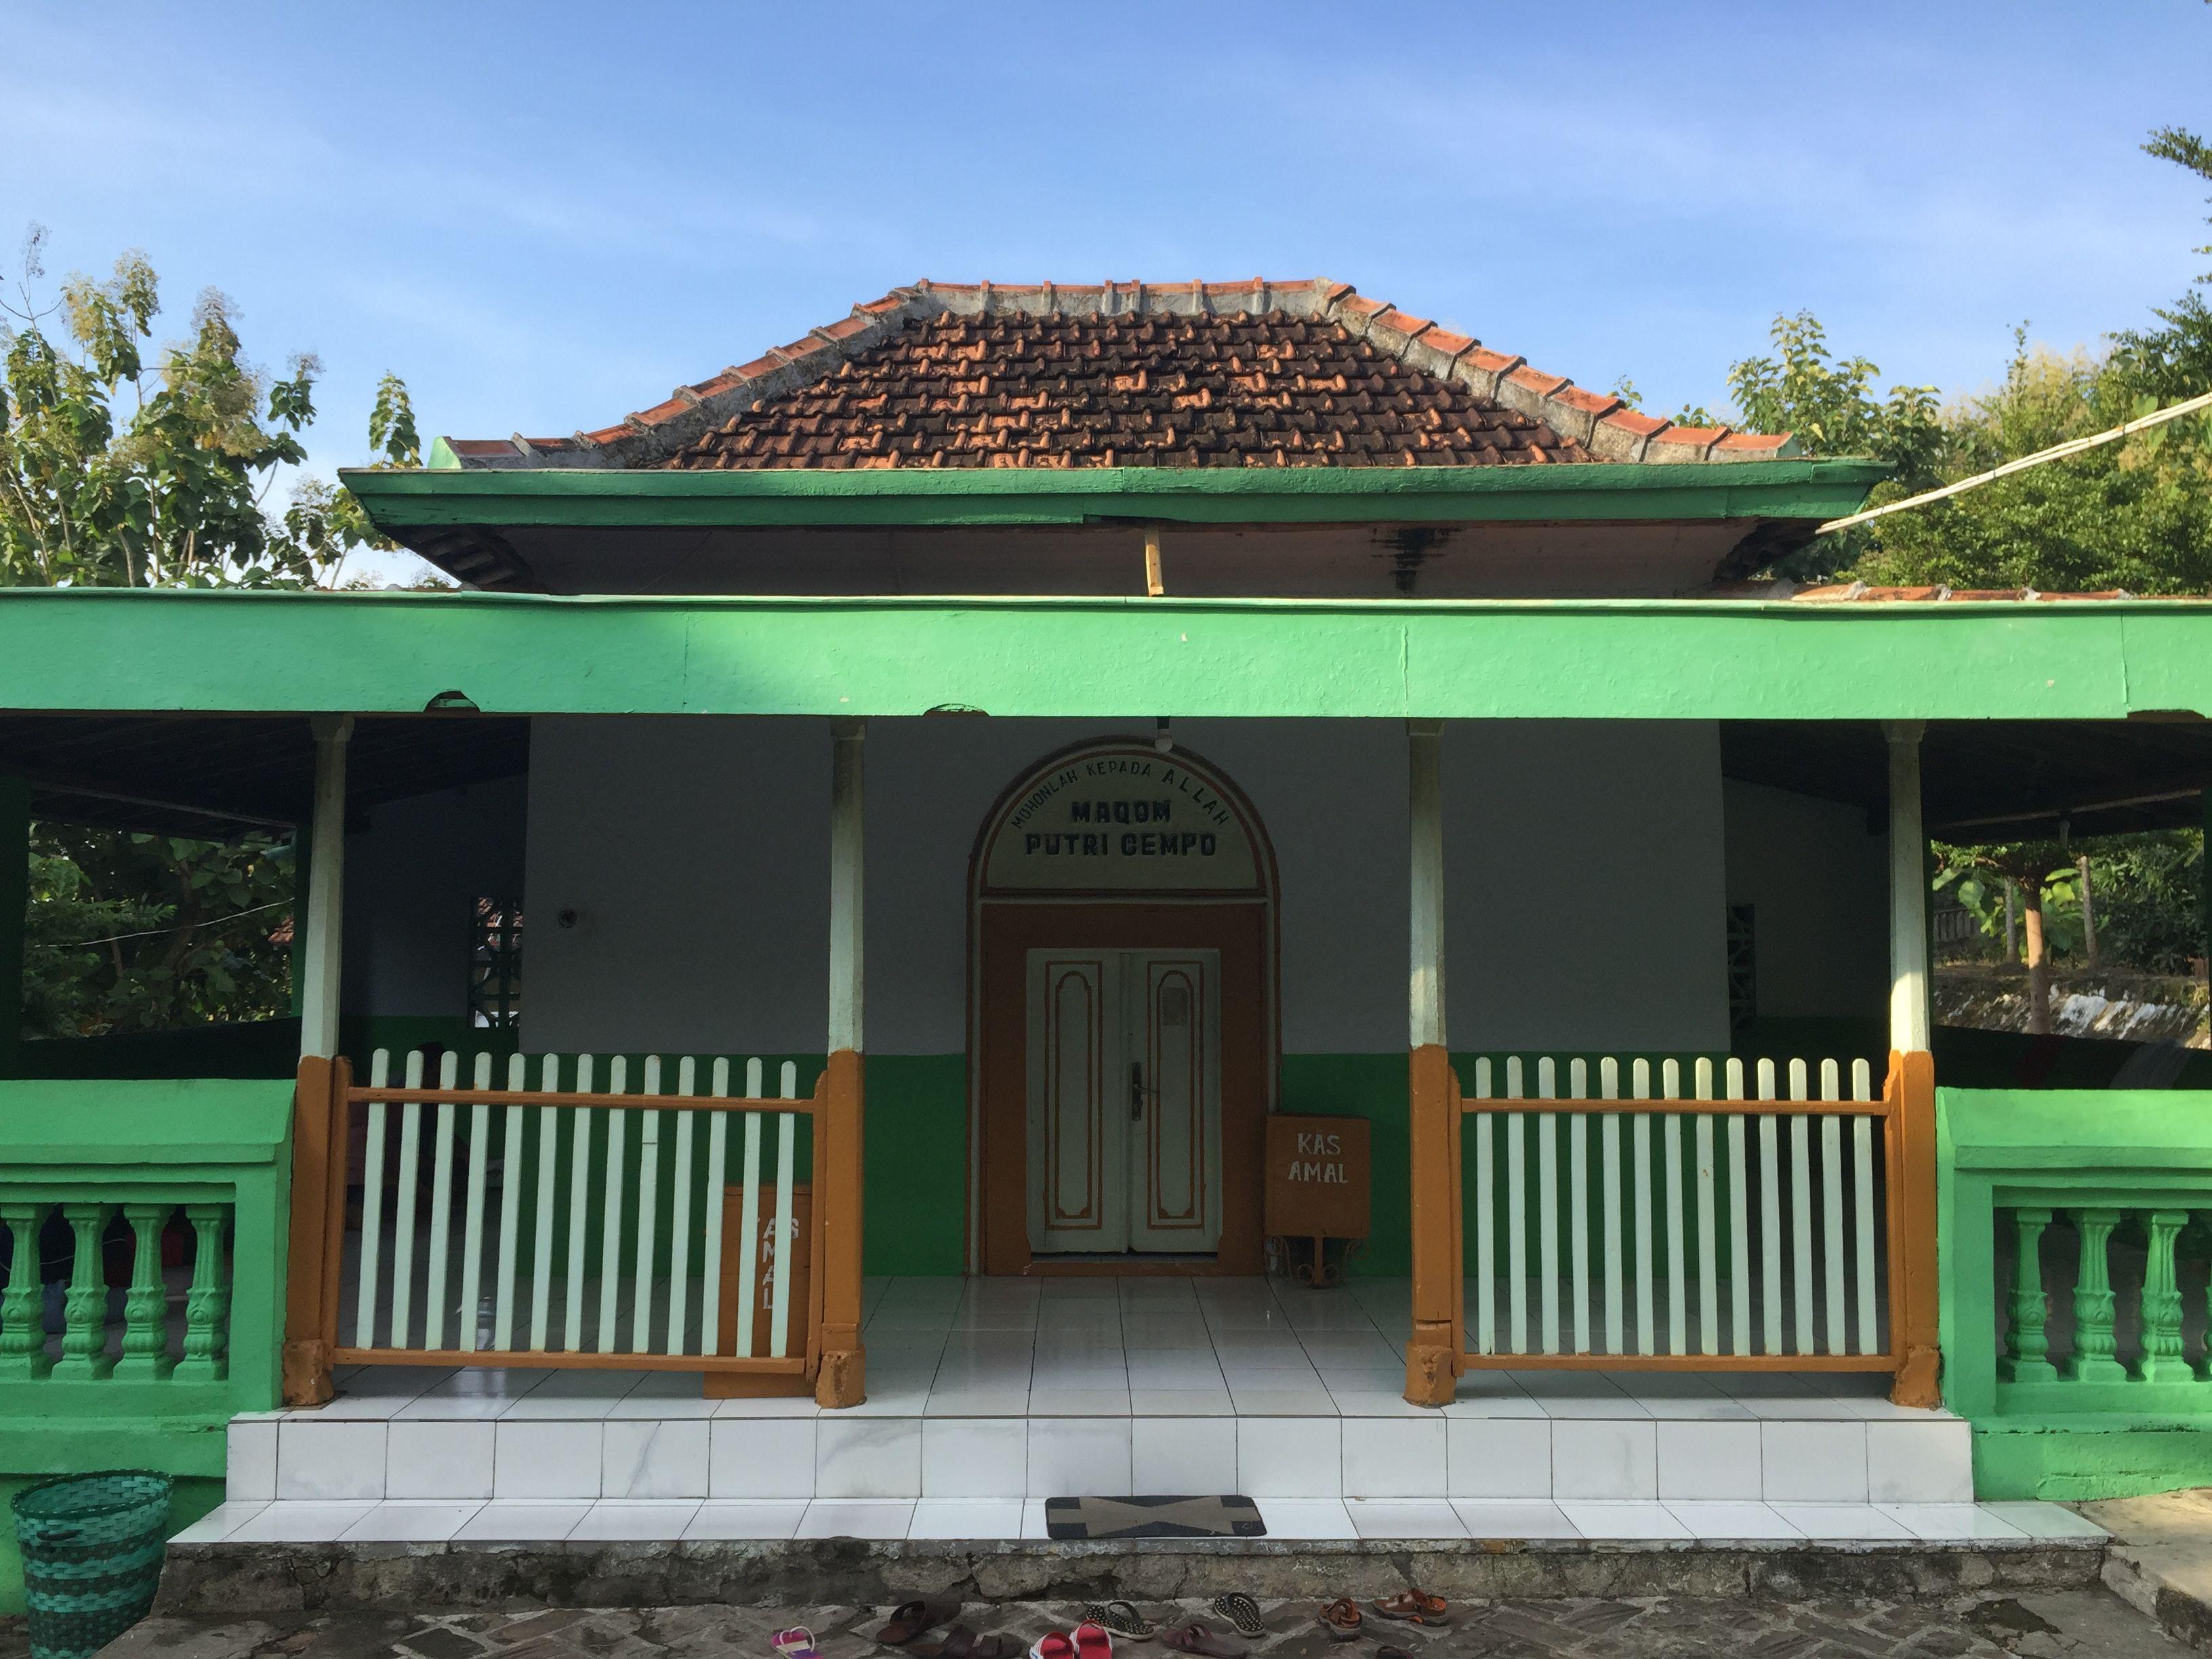 Makam Putri Cempo Situs Pasujudan Sunan Bonang Lasem Rembang Petilasan